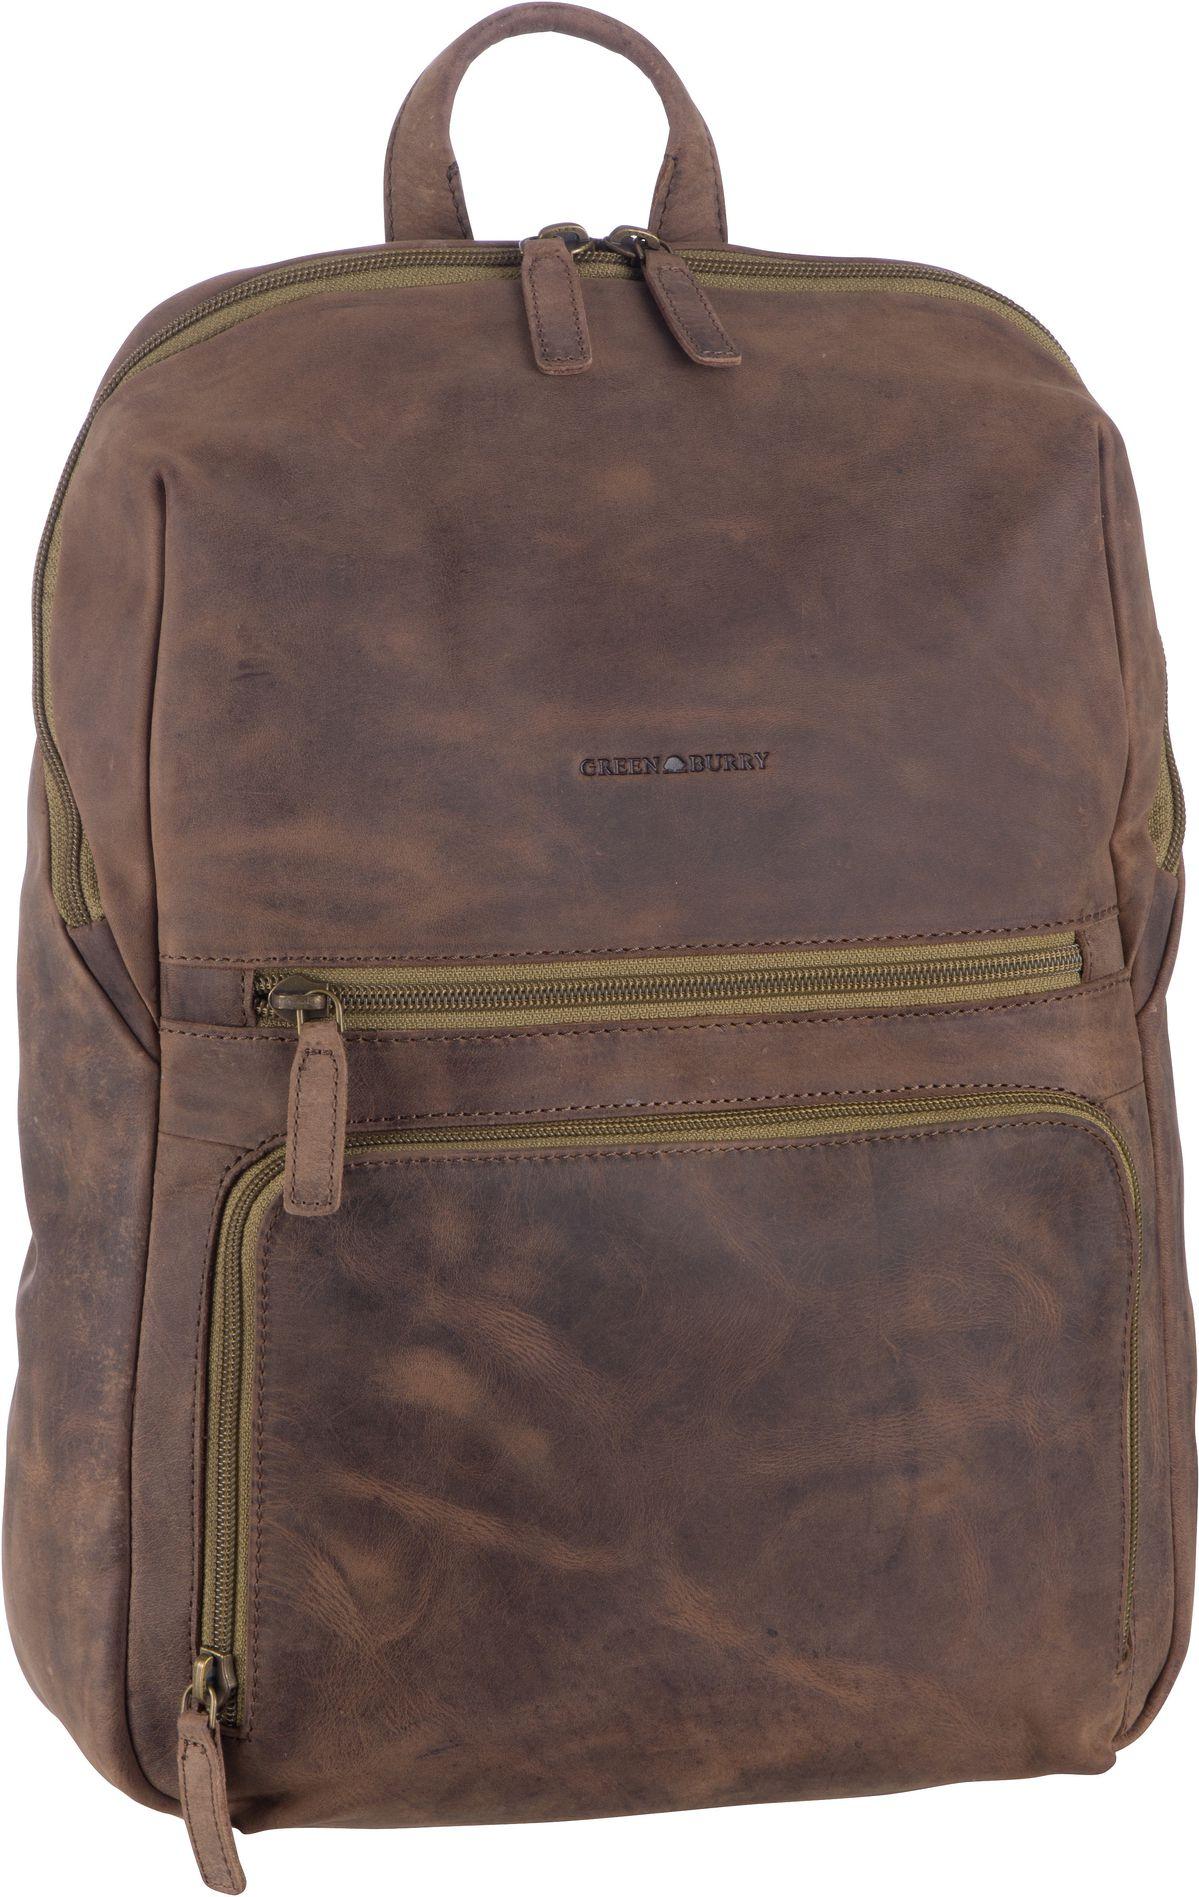 Laptoprucksack Vintage Tec 1587 Brown/Olive